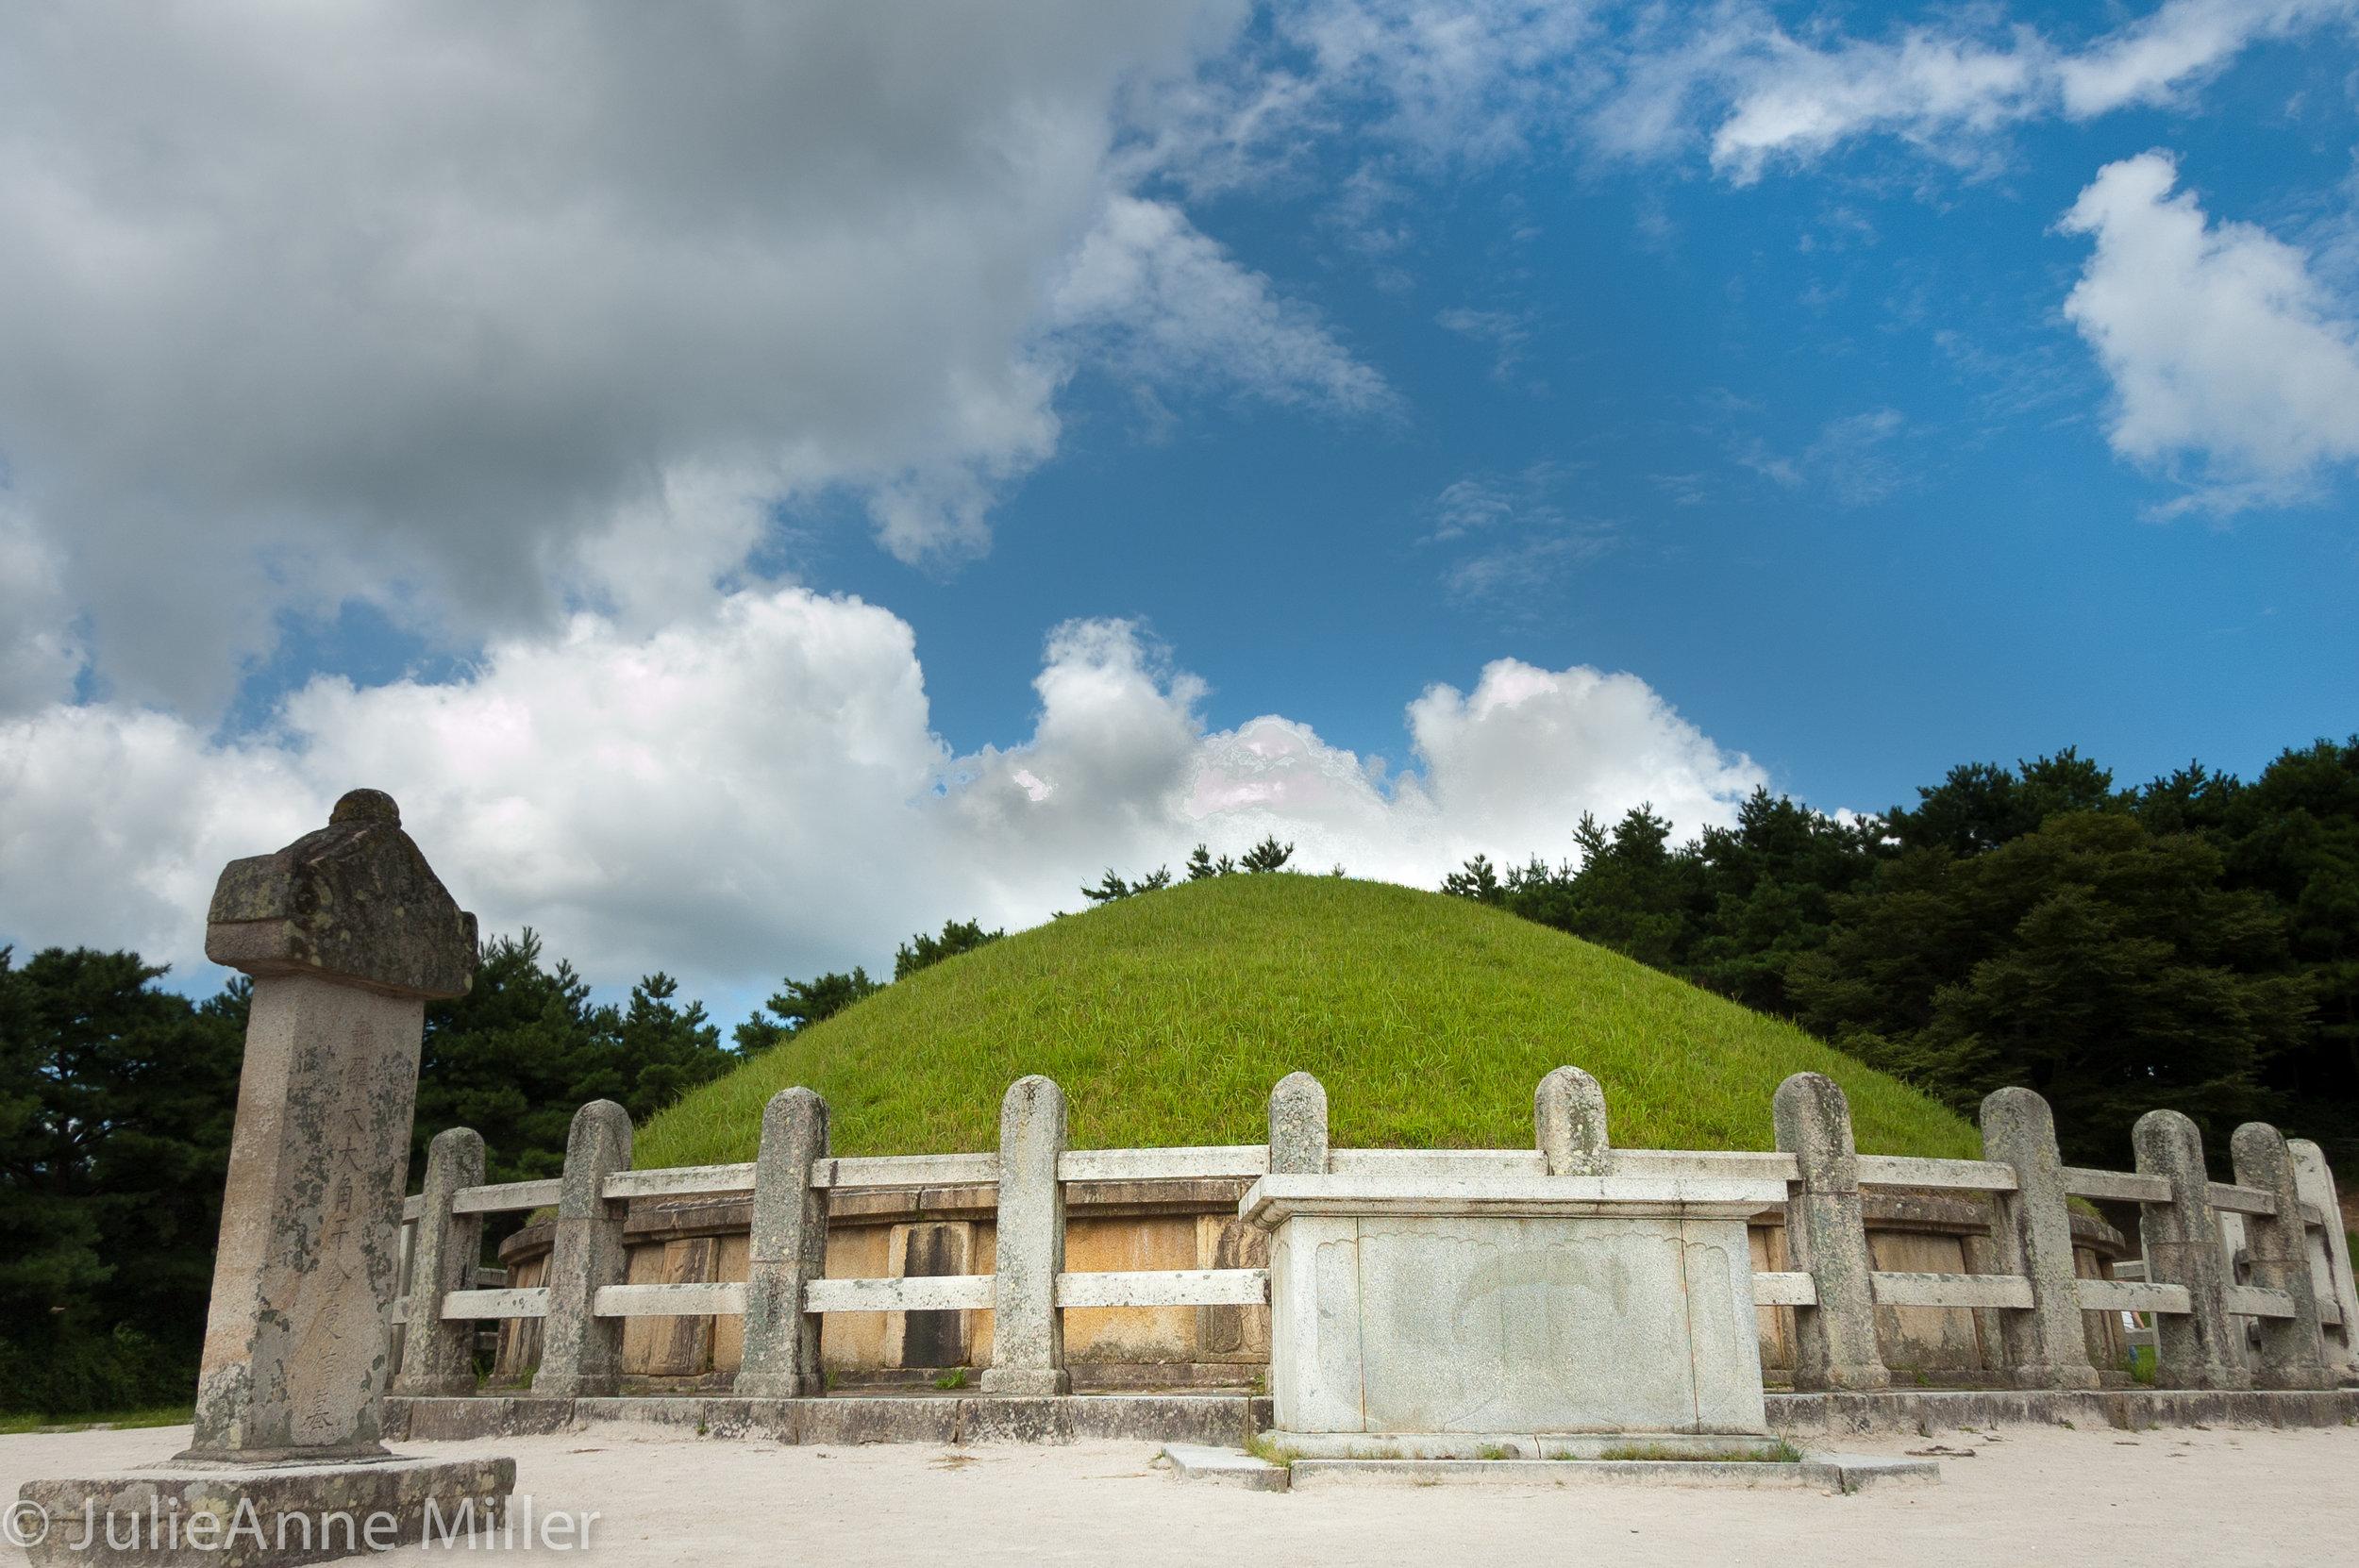 Yi Su Shin grave, Gyeongju